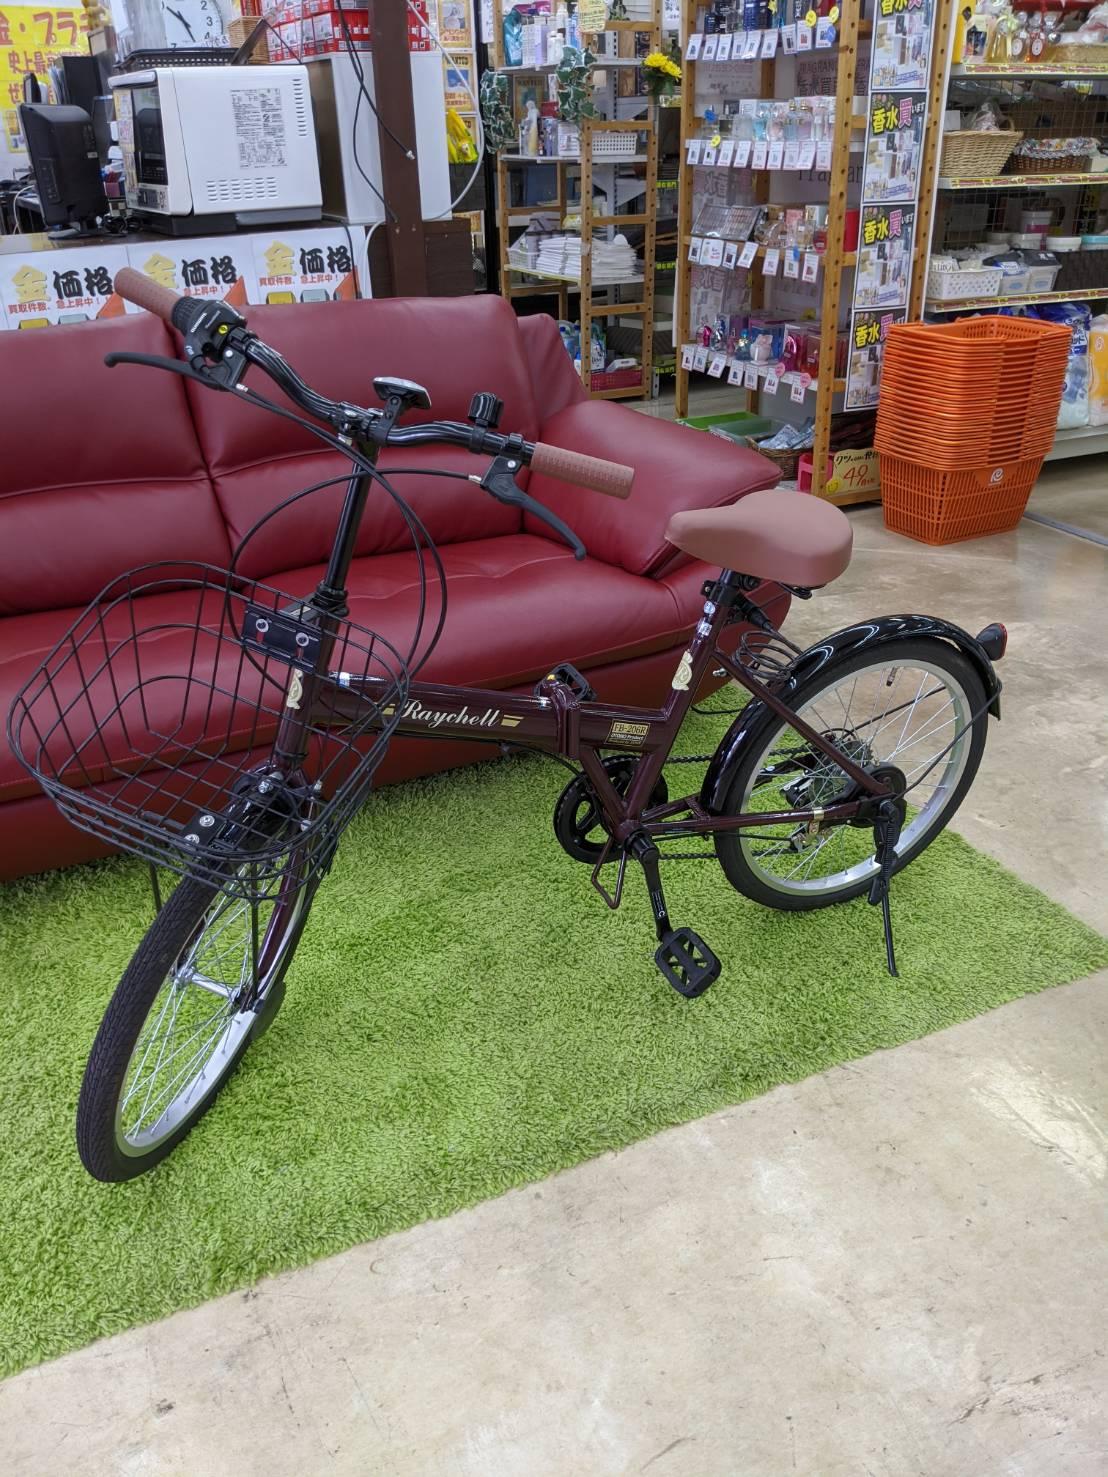 【OTOMO Raychell レイチェル 20インチ 6段変速 折りたたみ自転車】お買い取り致しました!!の買取-